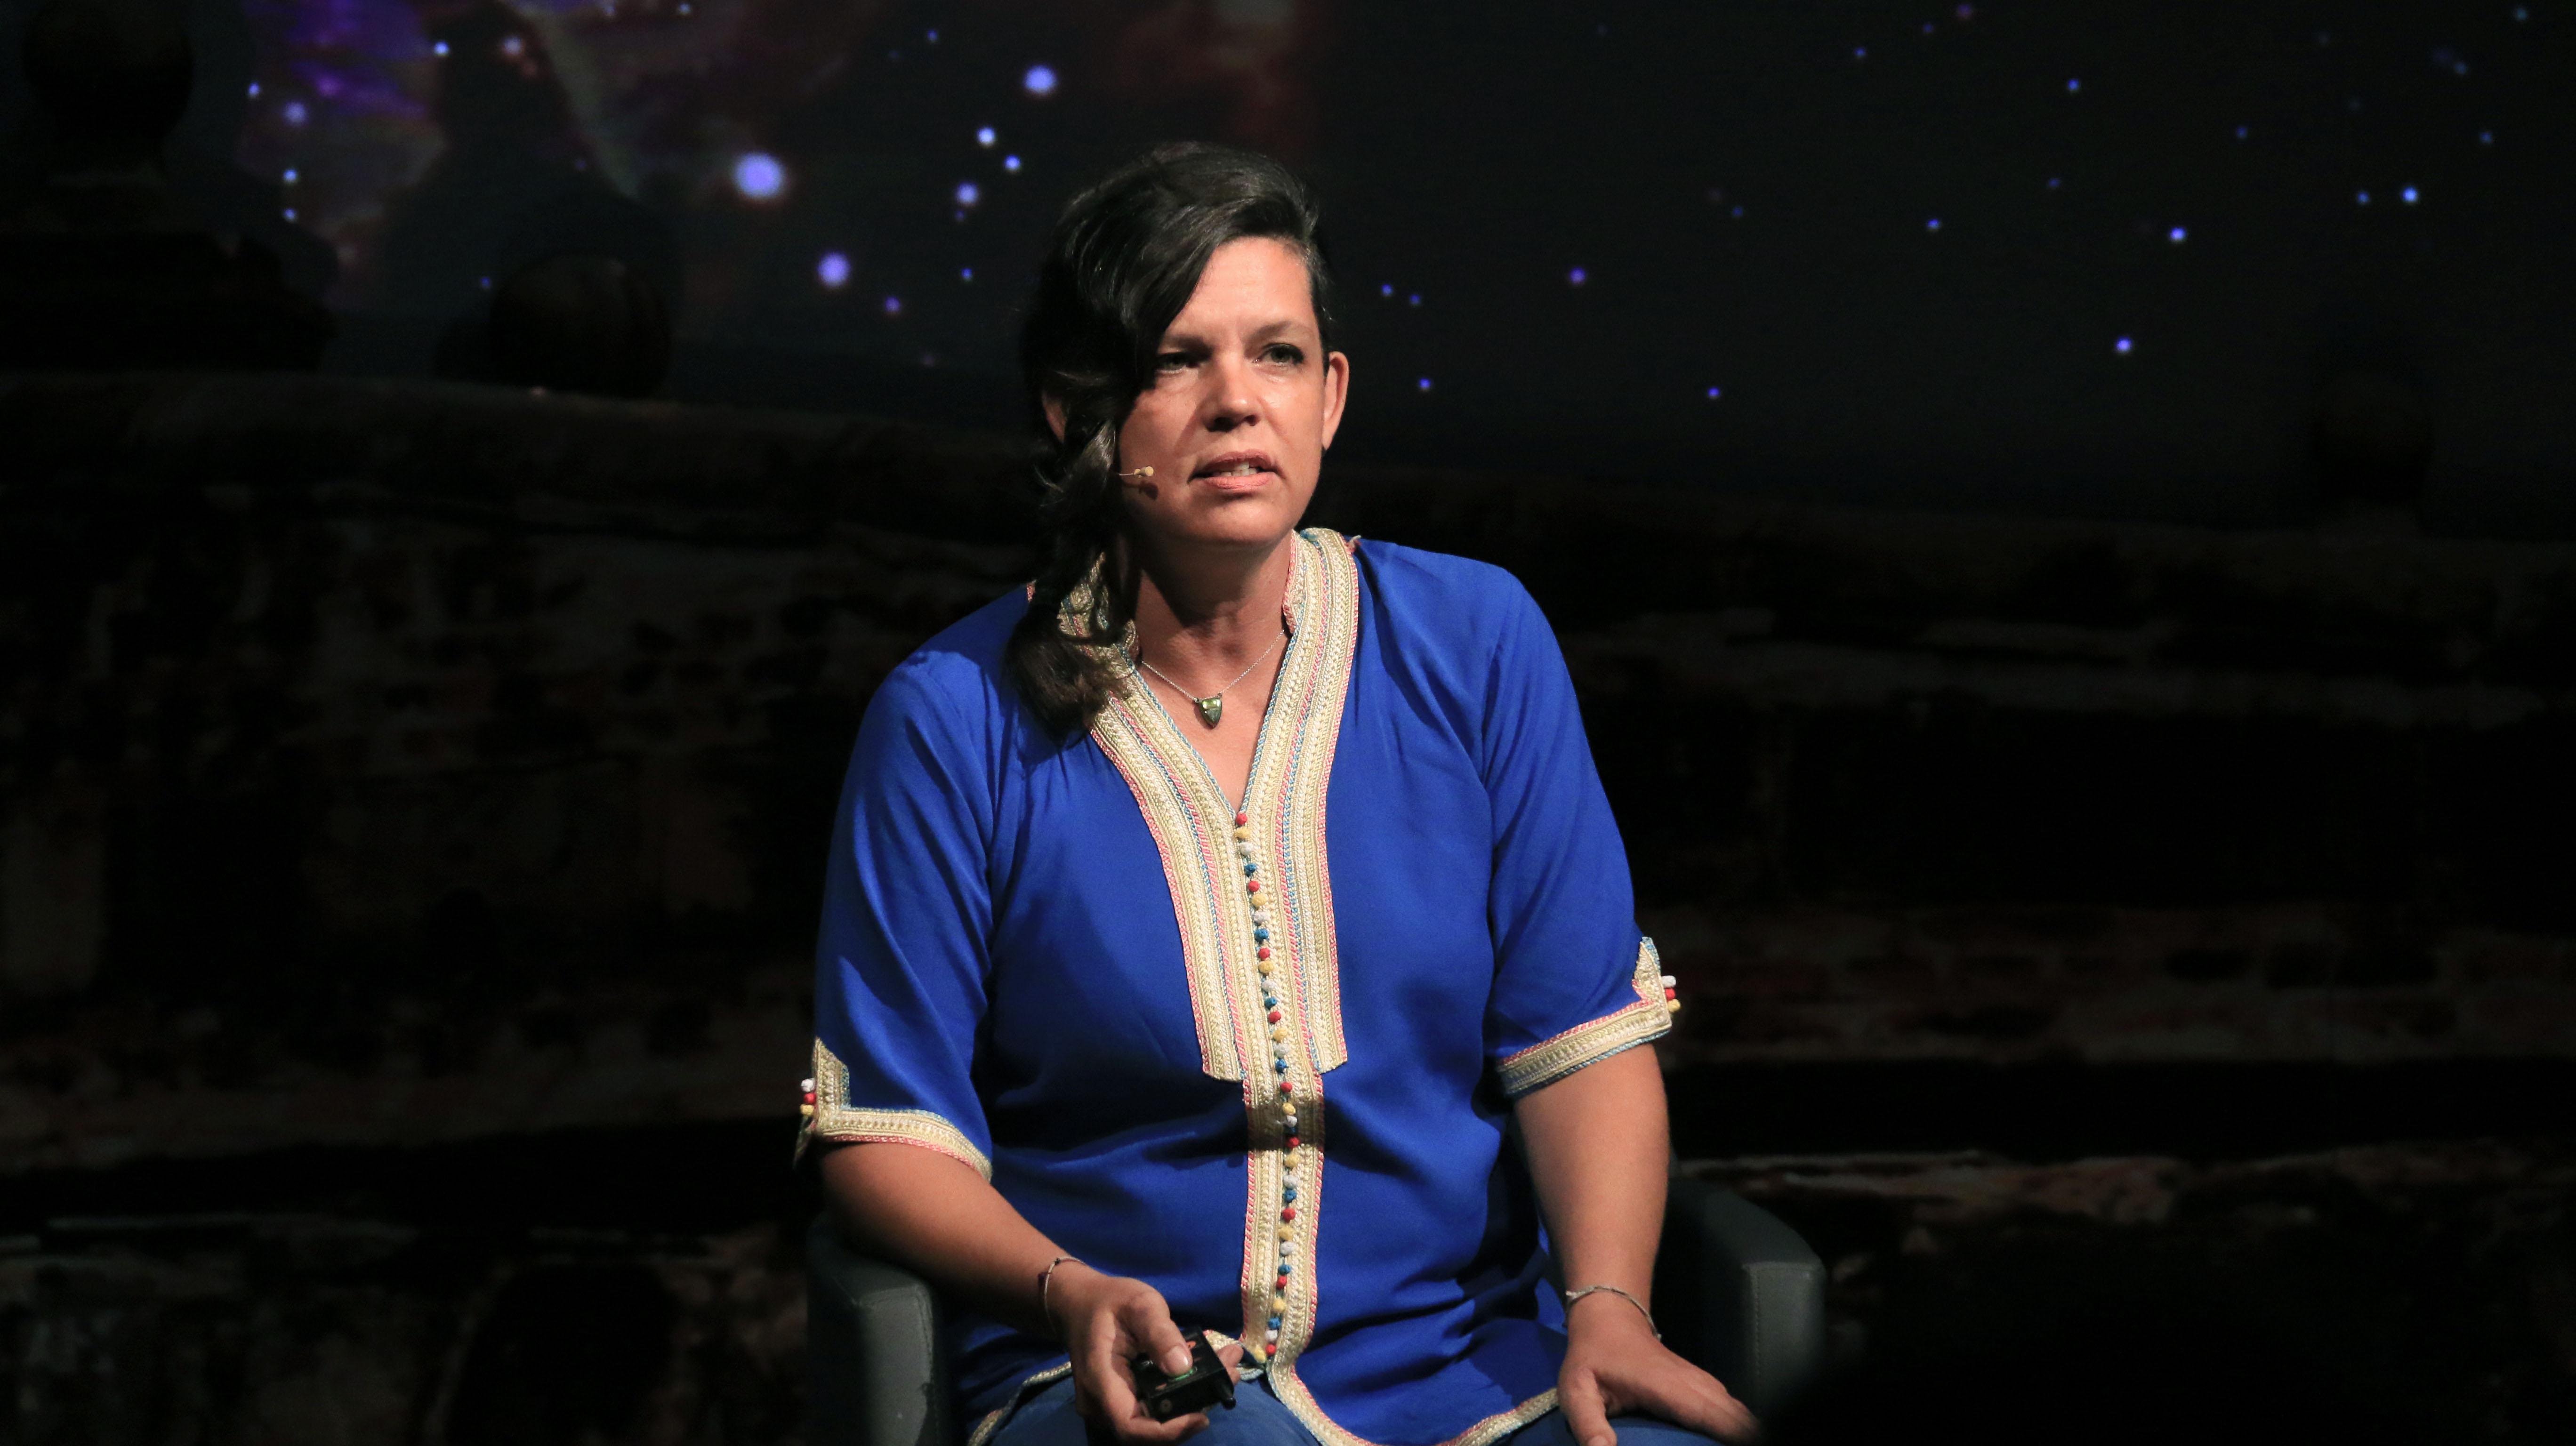 Vanessa Gocksch